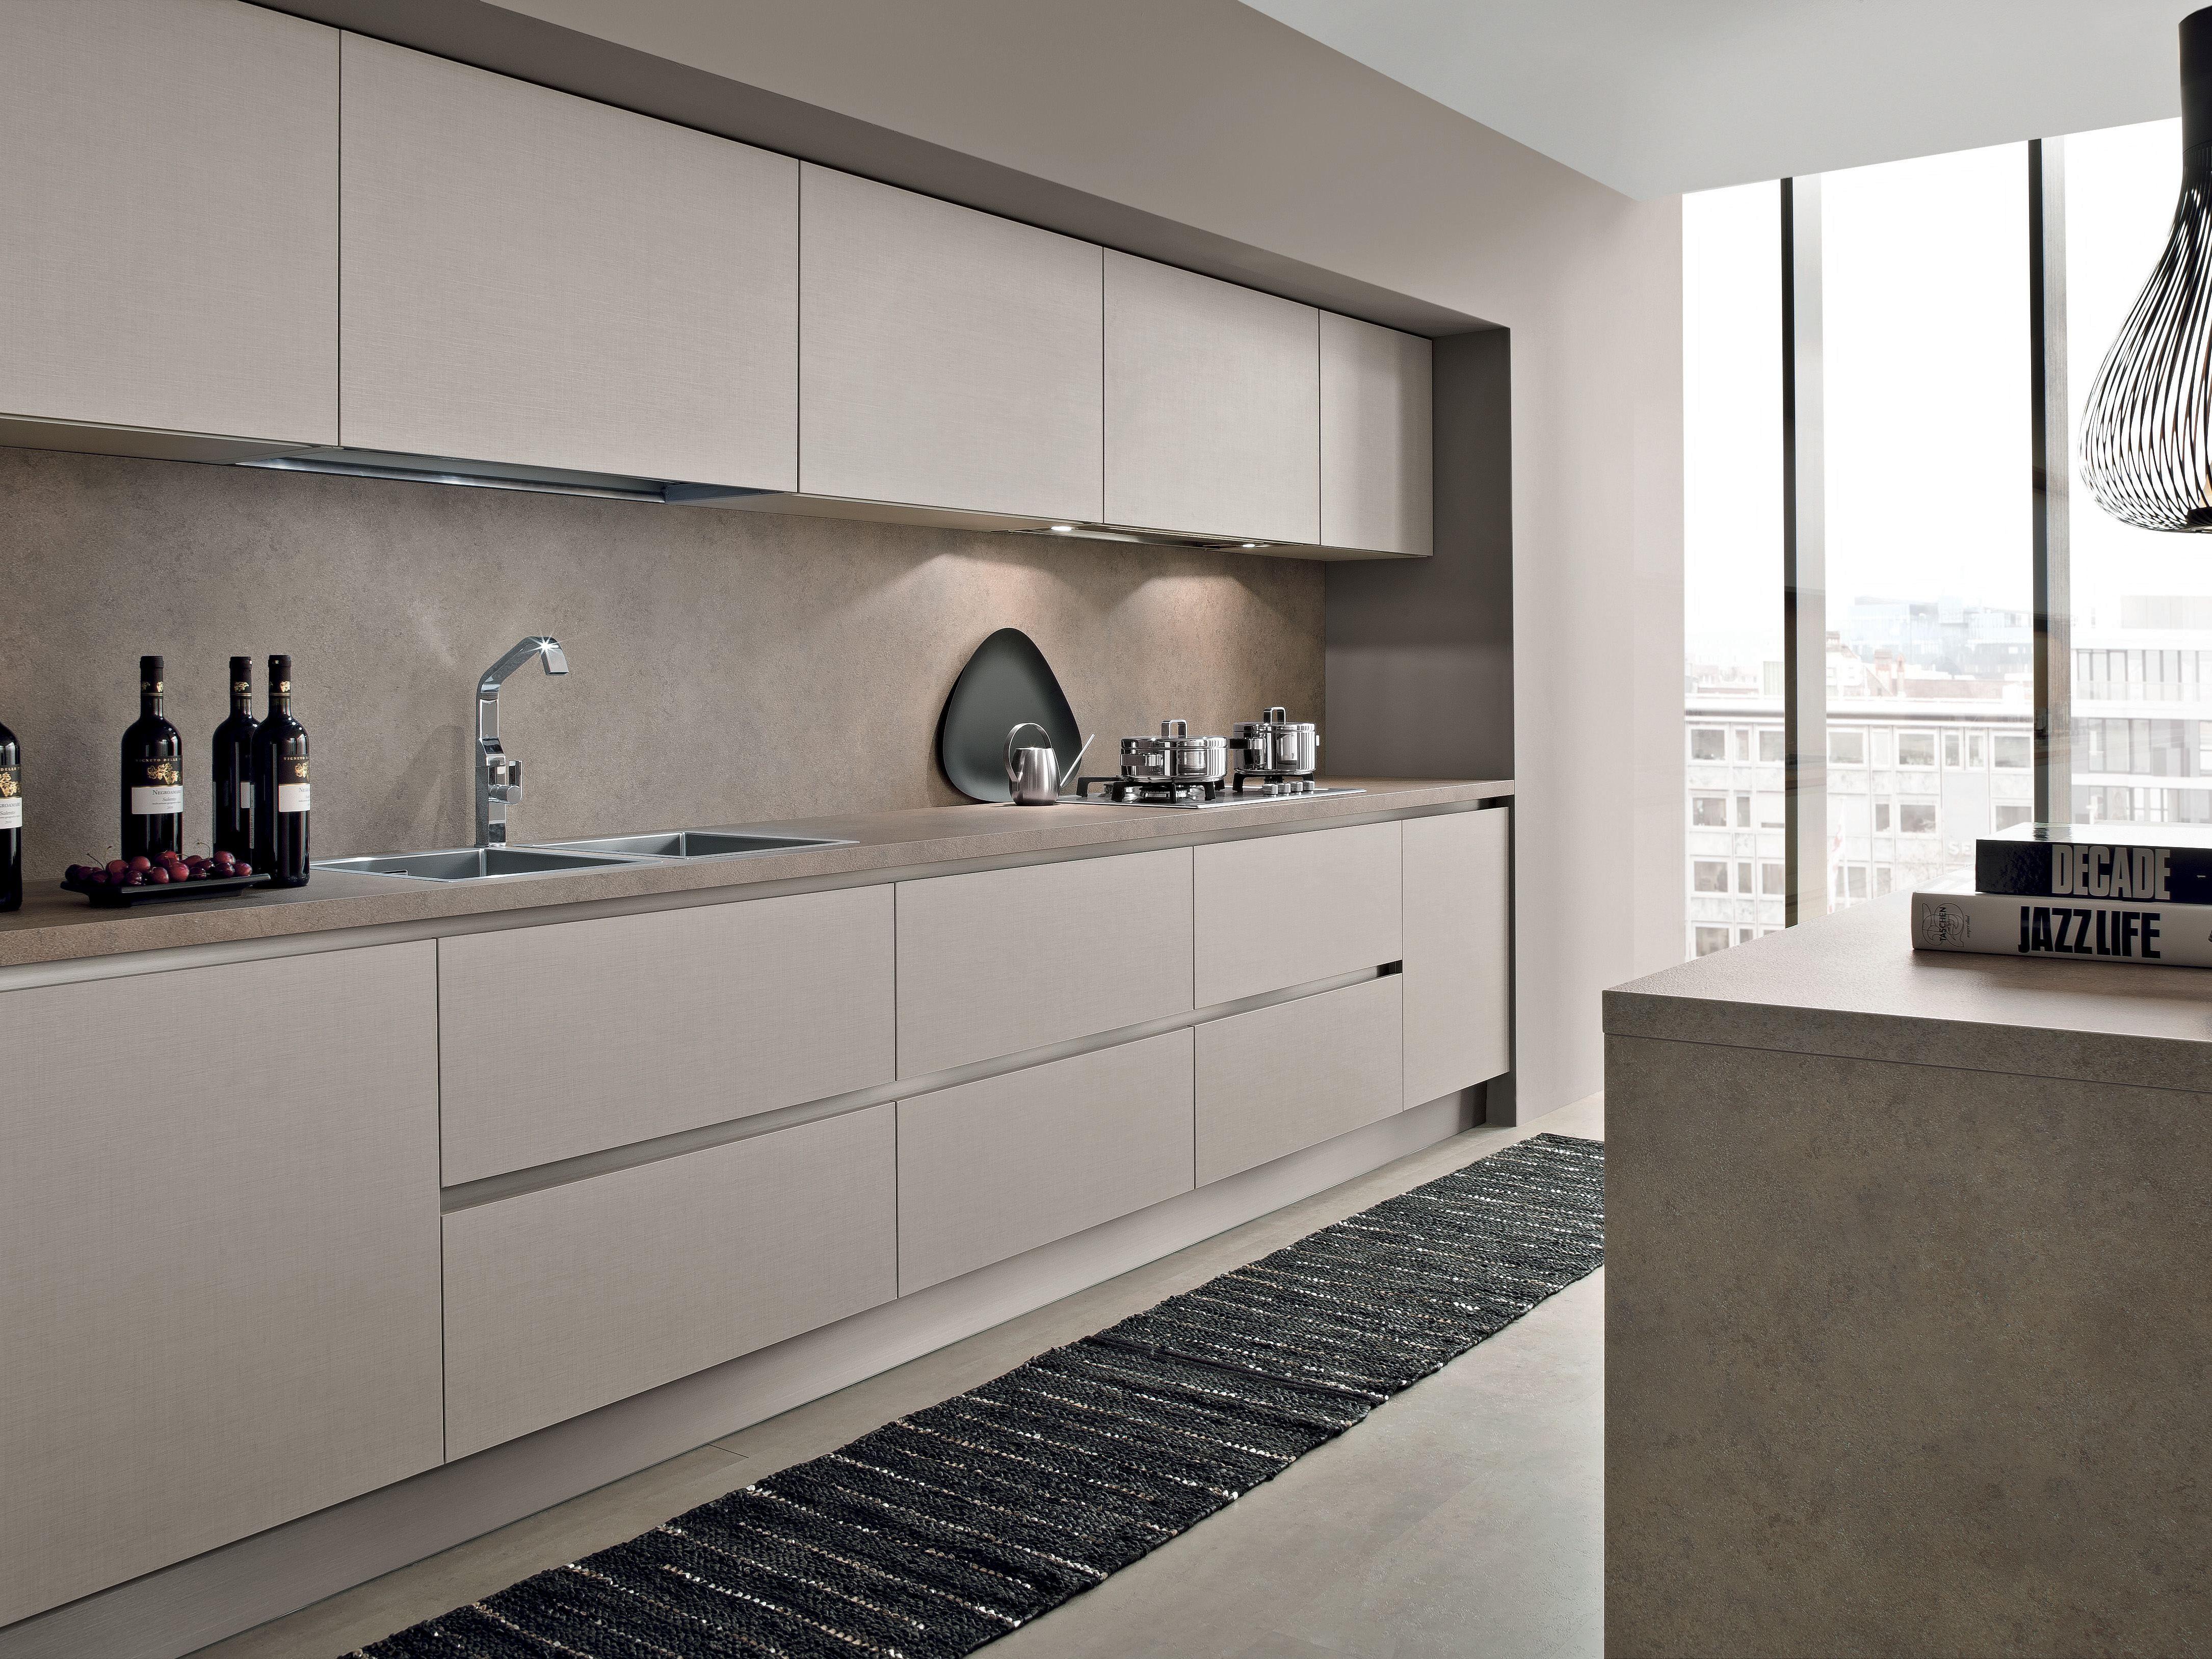 Gabinetes horizontales   Cocinas   Pinterest   Cocinas, Diseño de ...